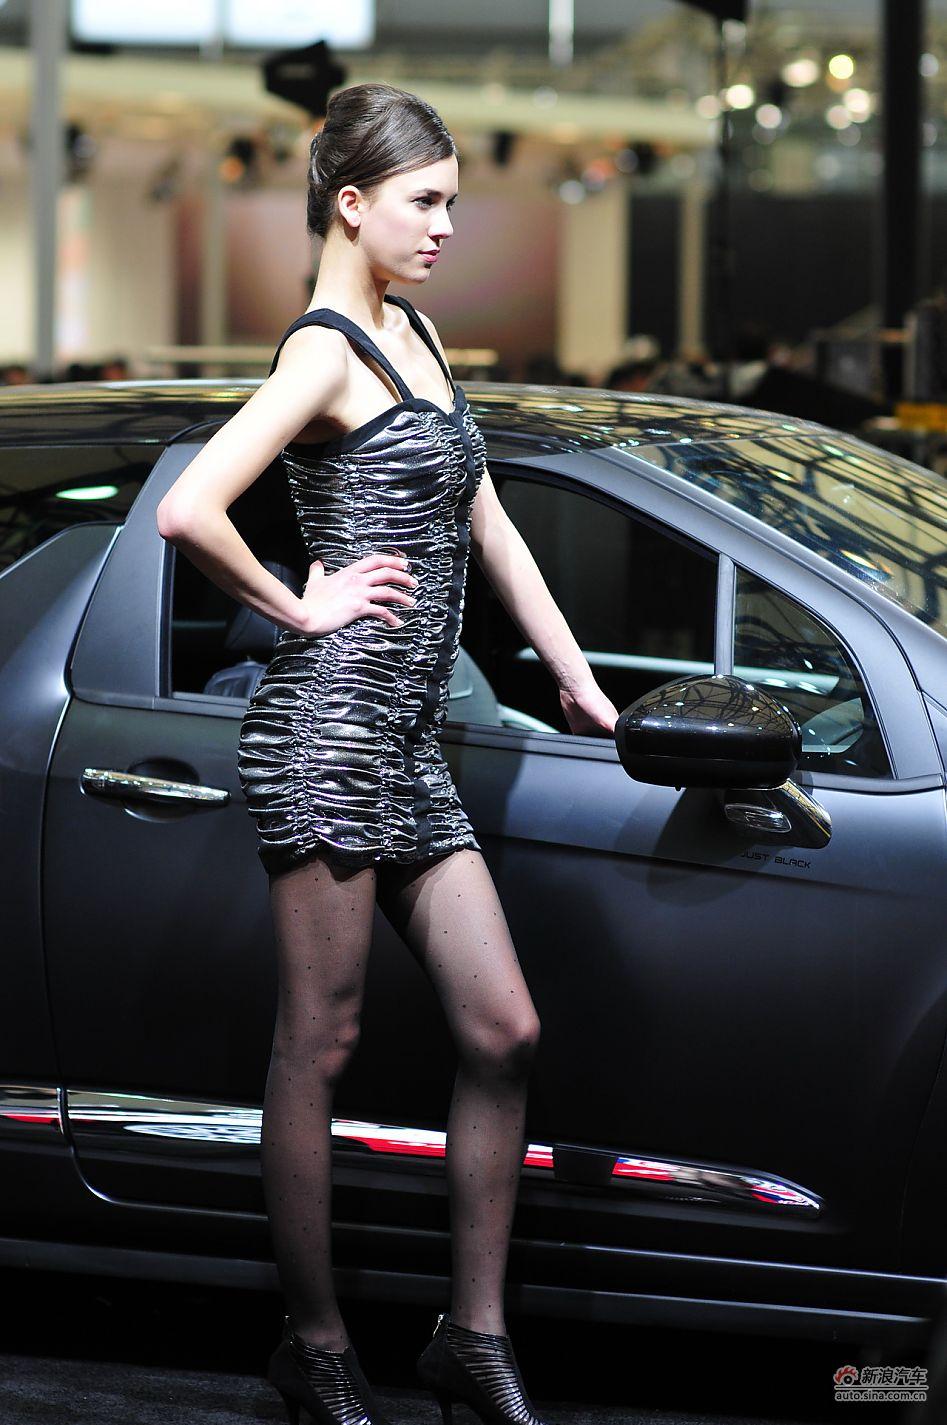 雪铁龙展台1号模特